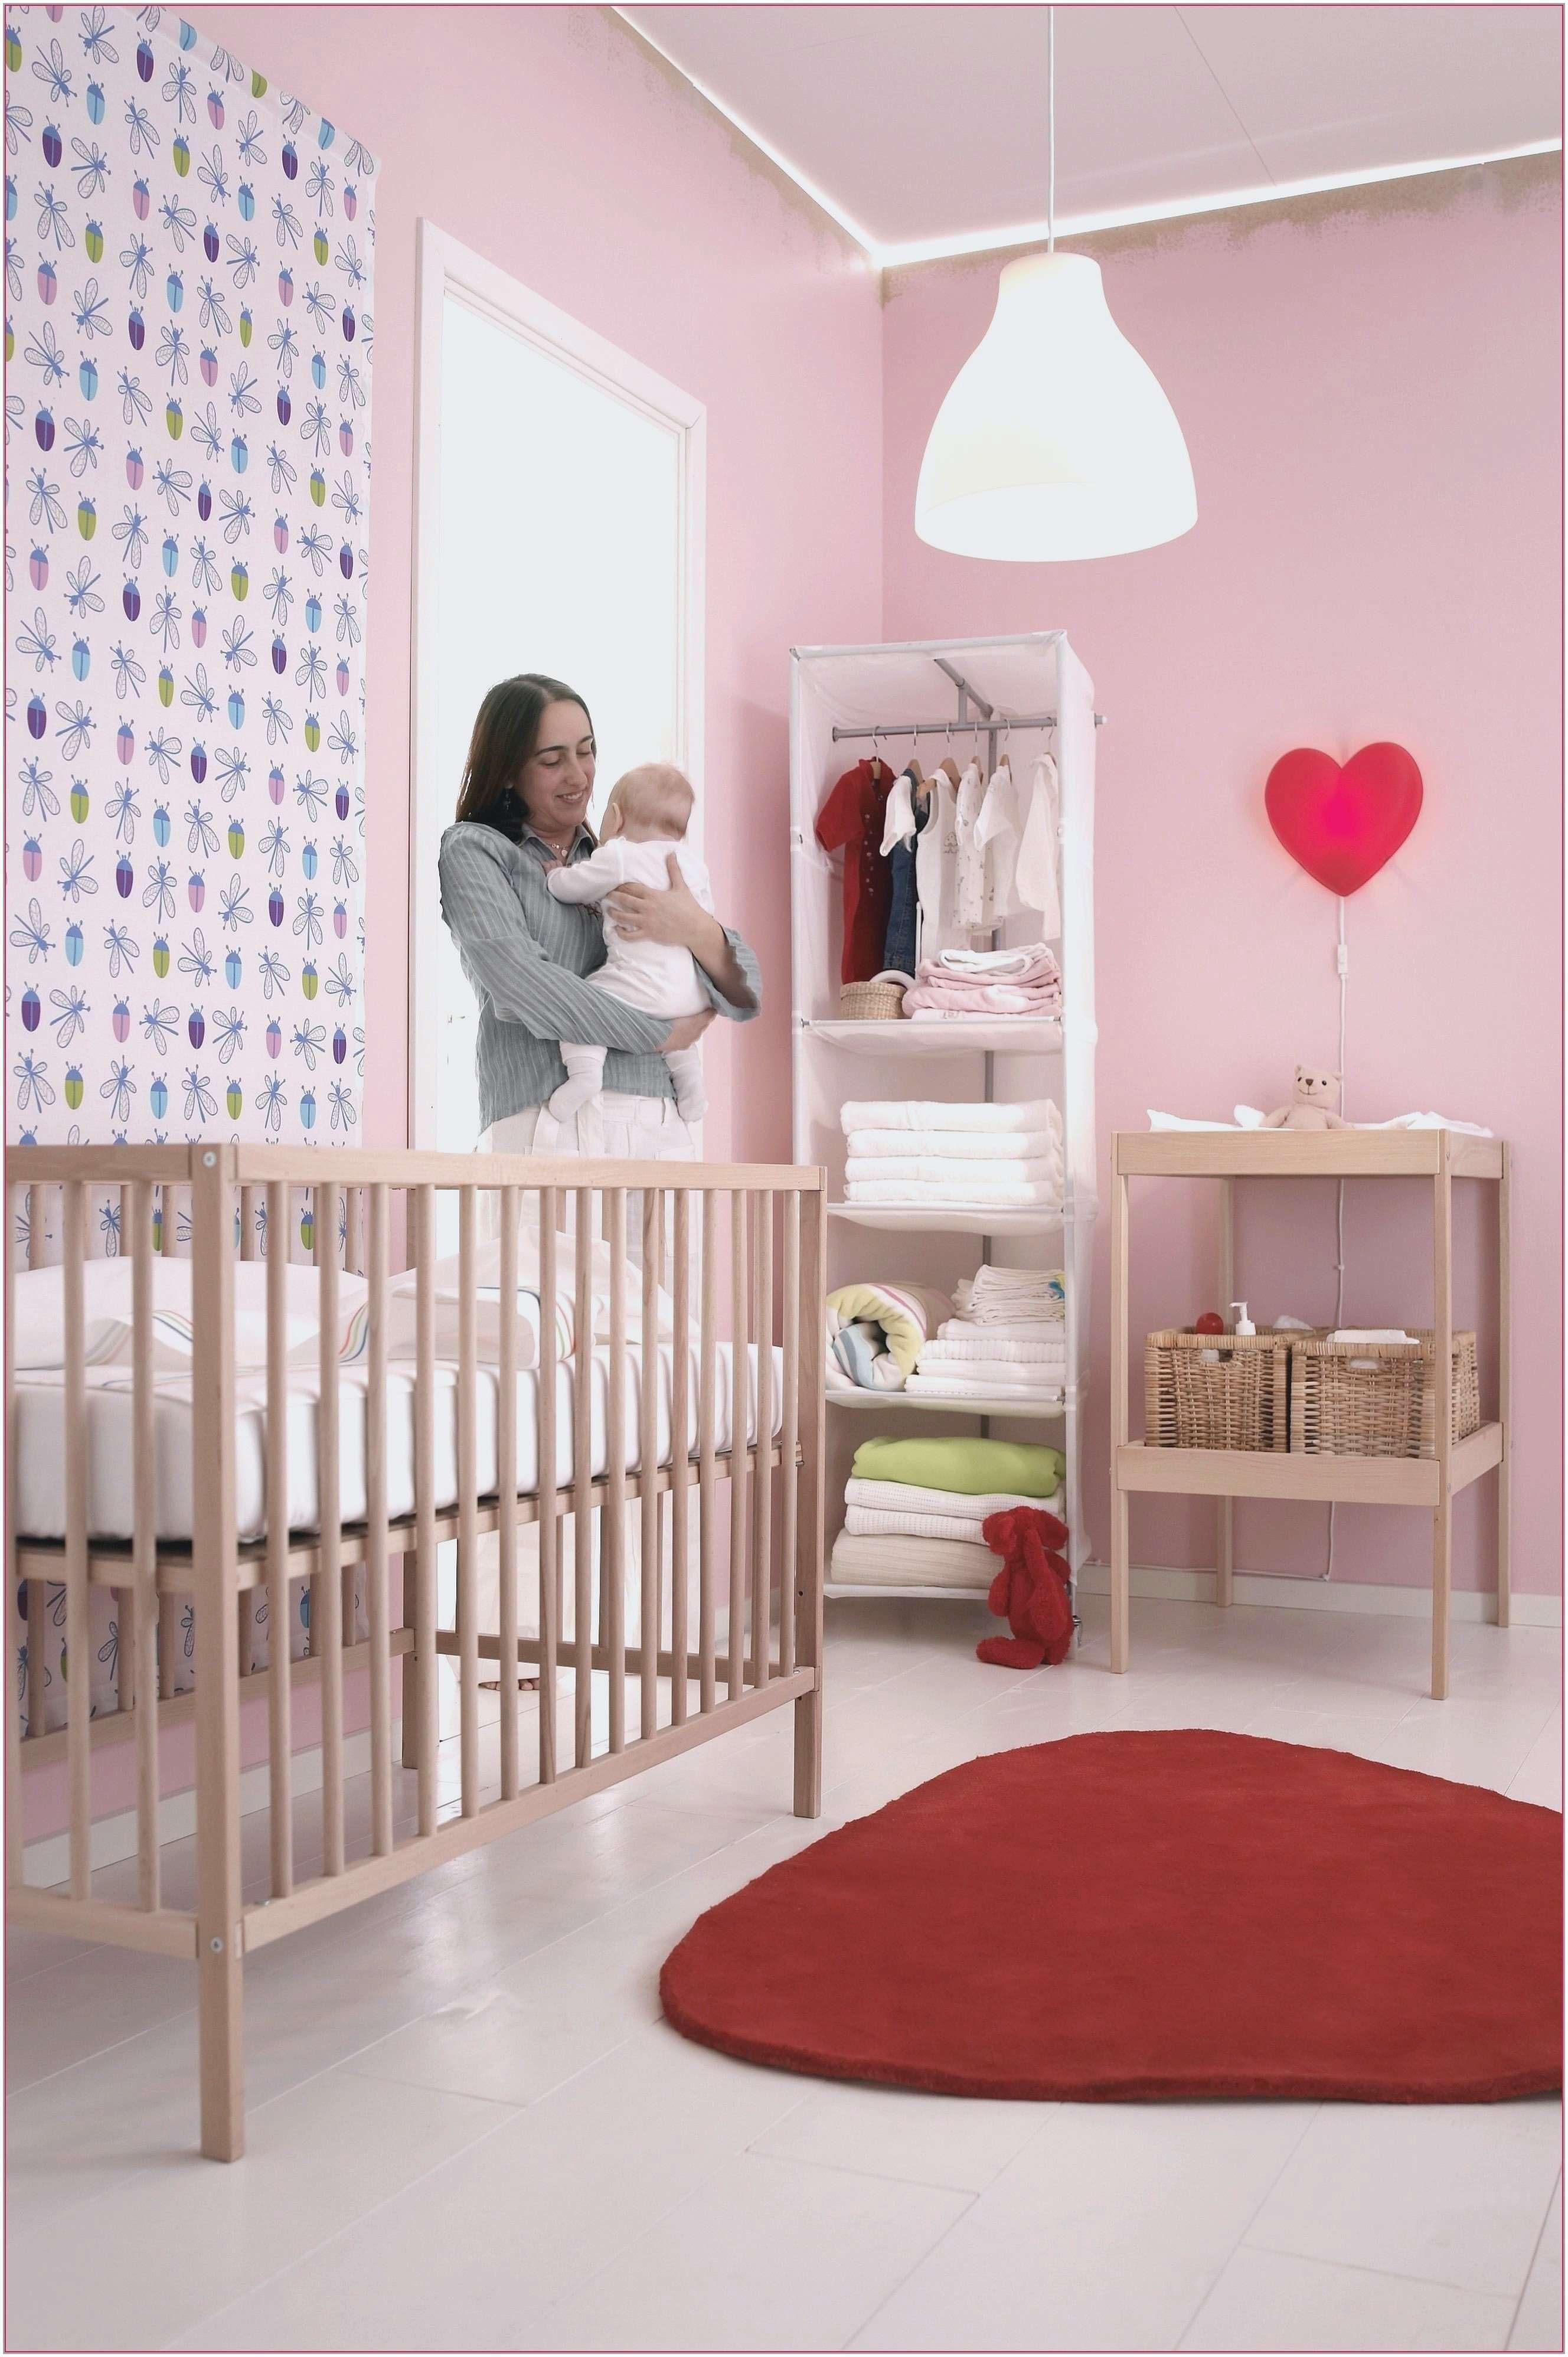 Parure De Lit Bébé Inspiré Elégant Chambre Bébé Fille Gris Et Rose Beau Parc B C3 A9b C3 A9